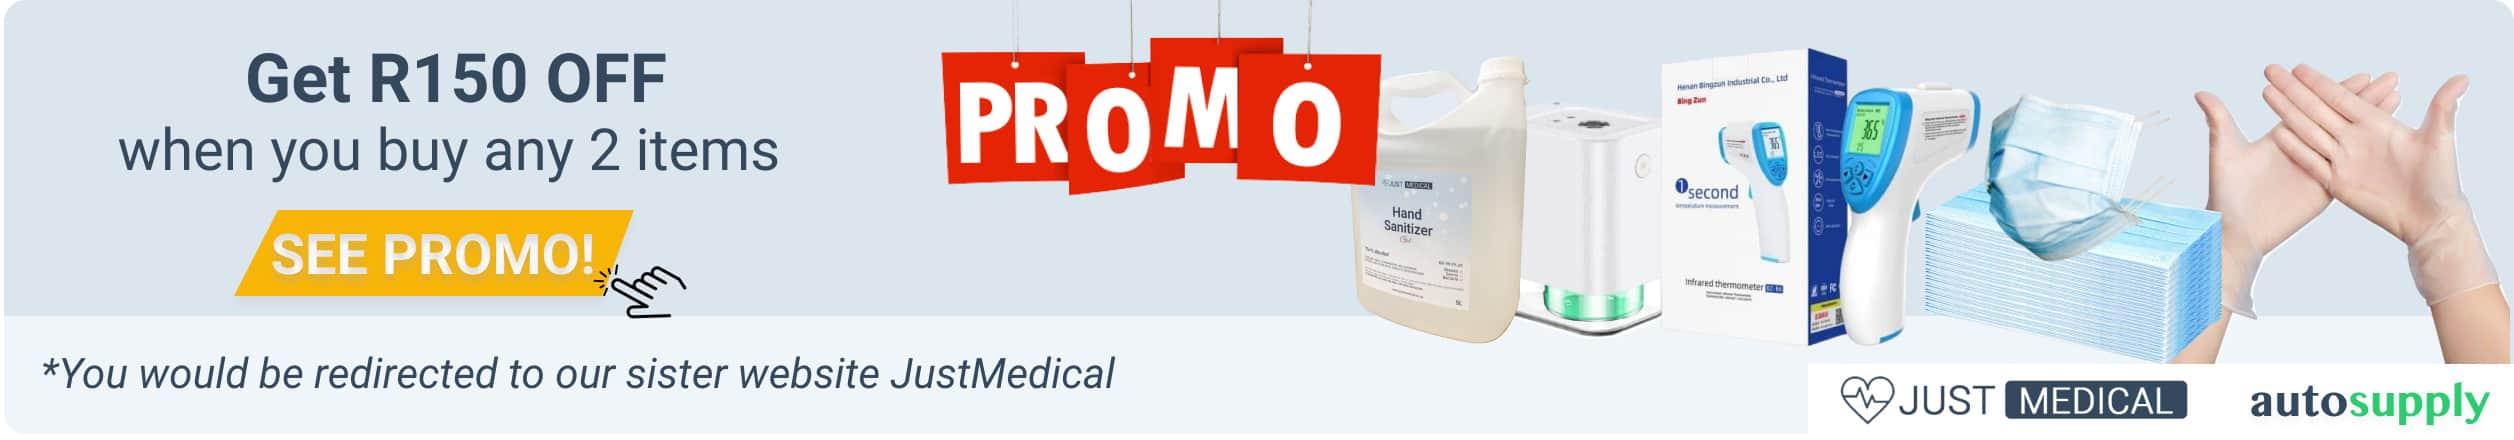 Desktop-Just-medical-Prom